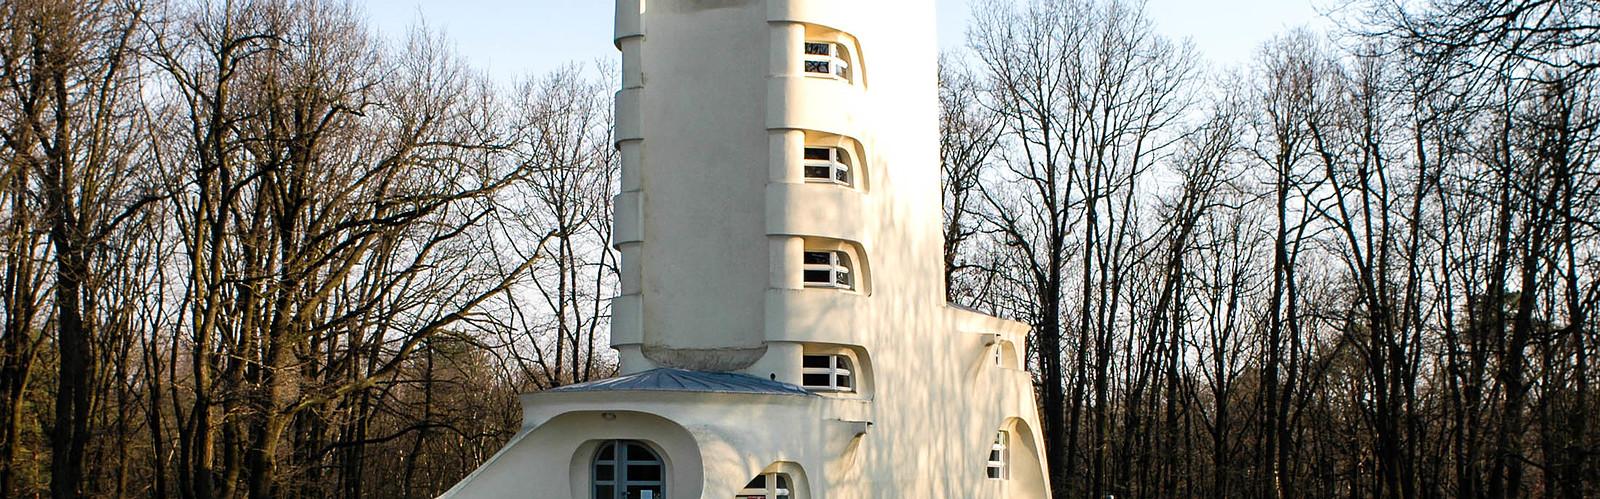 Einsteinturm - Barbara Plate